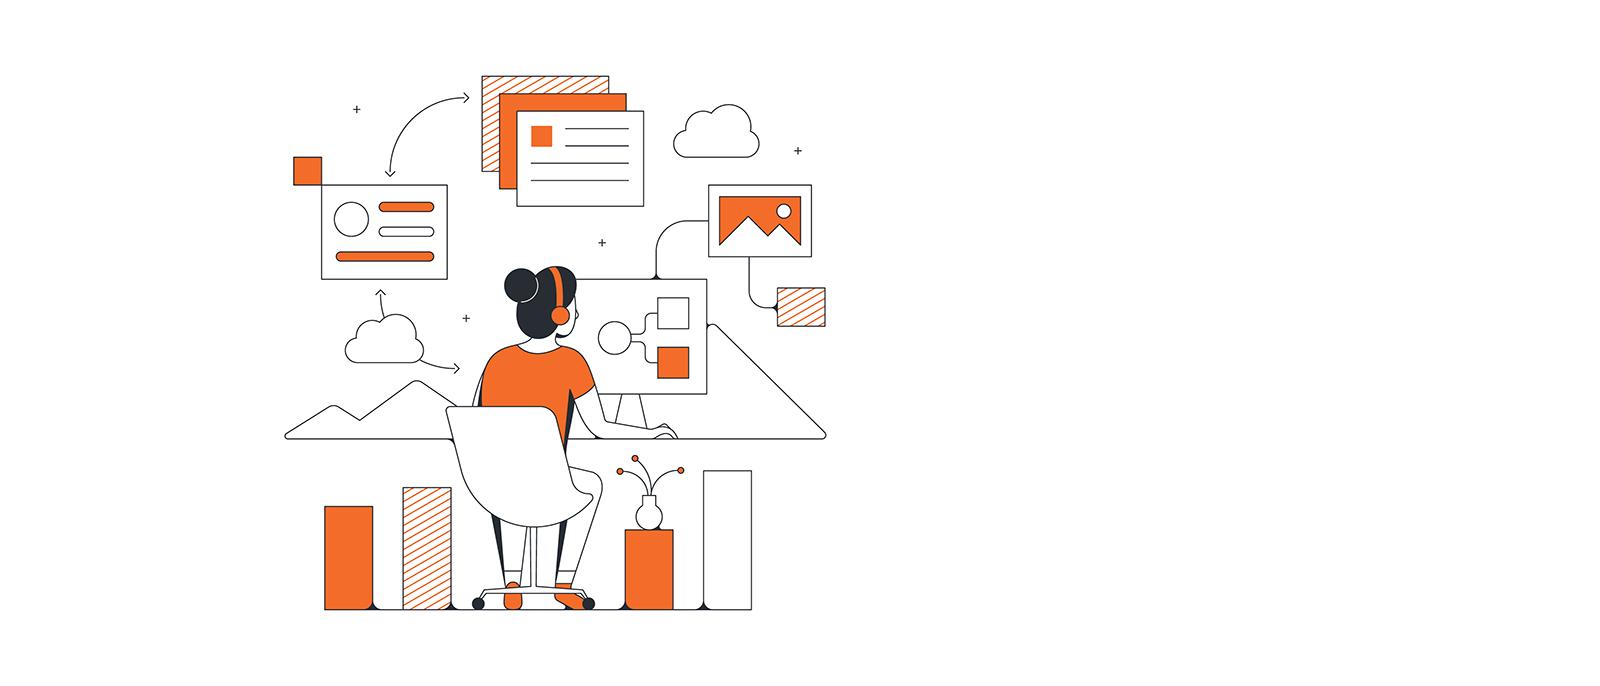 cloud-enabled workforce